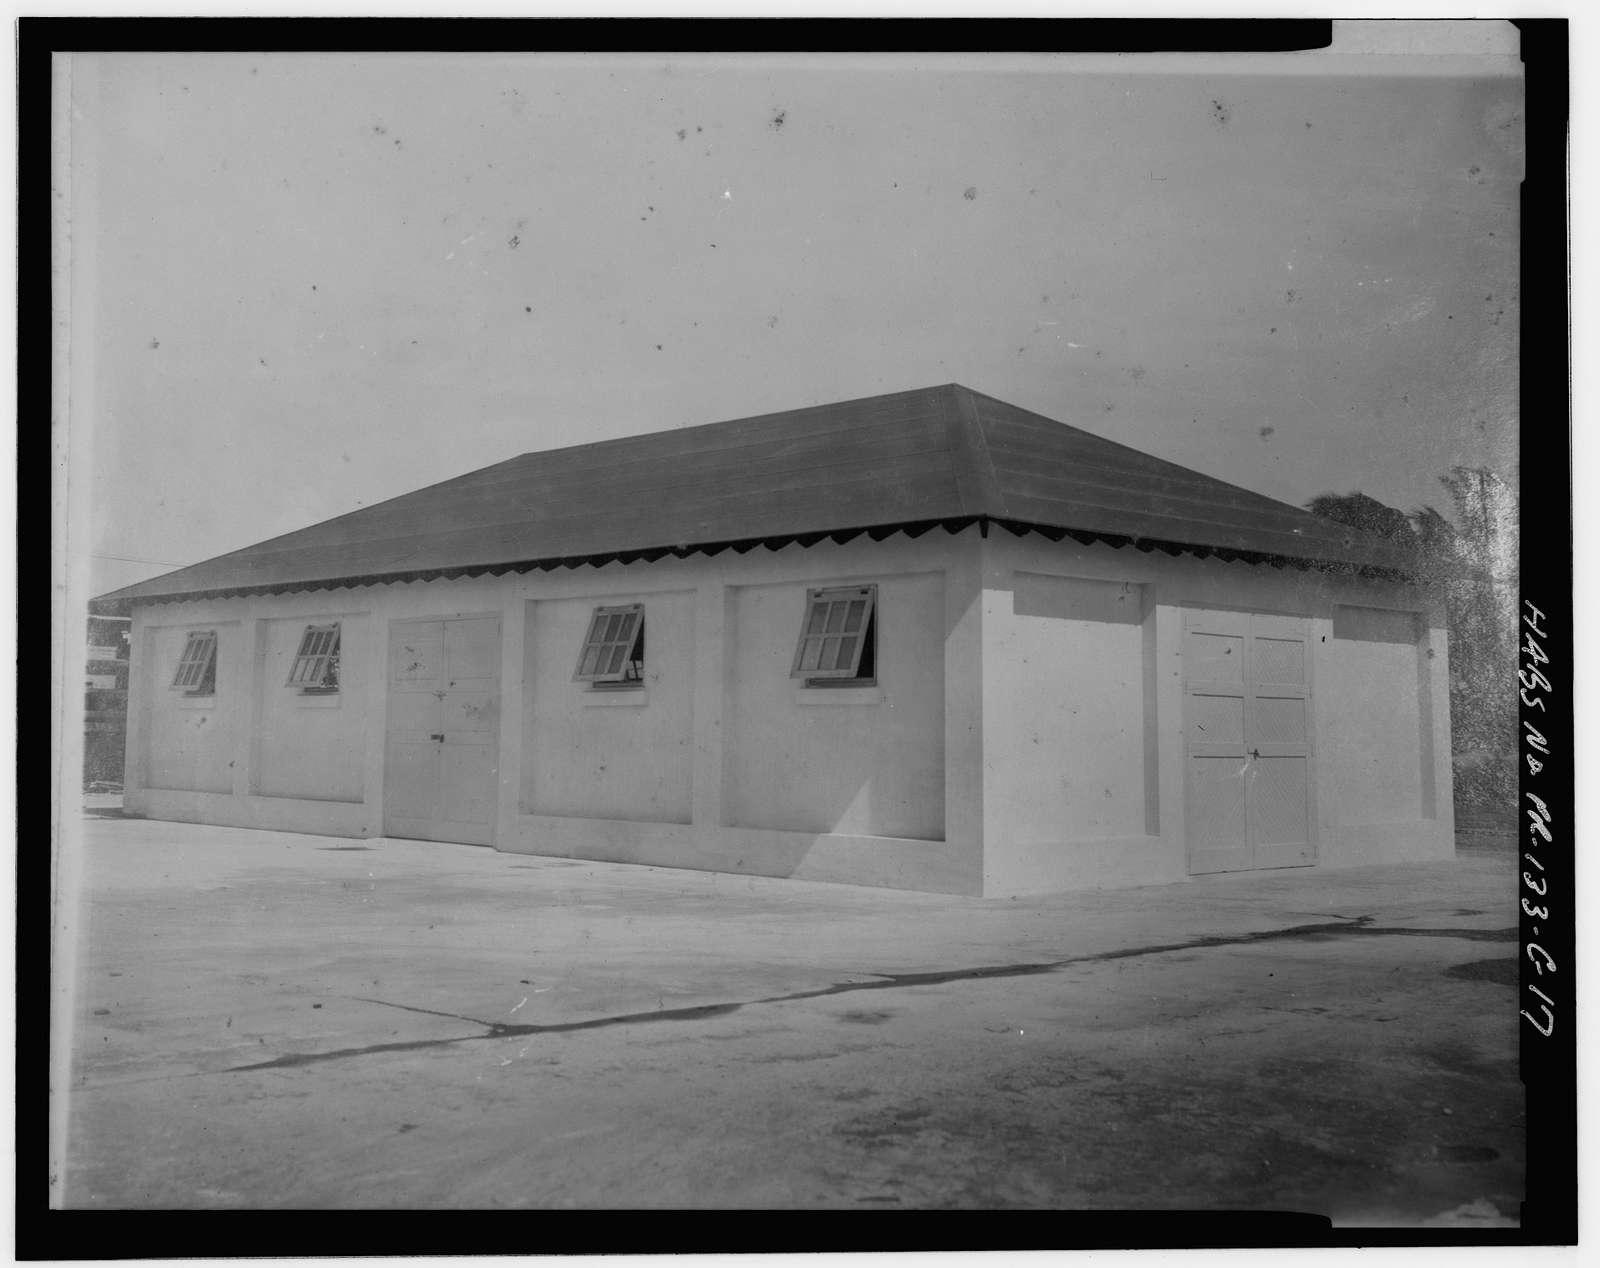 U.S. Coast Guard Base San Juan, Store House, San Juan, San Juan Municipio, PR